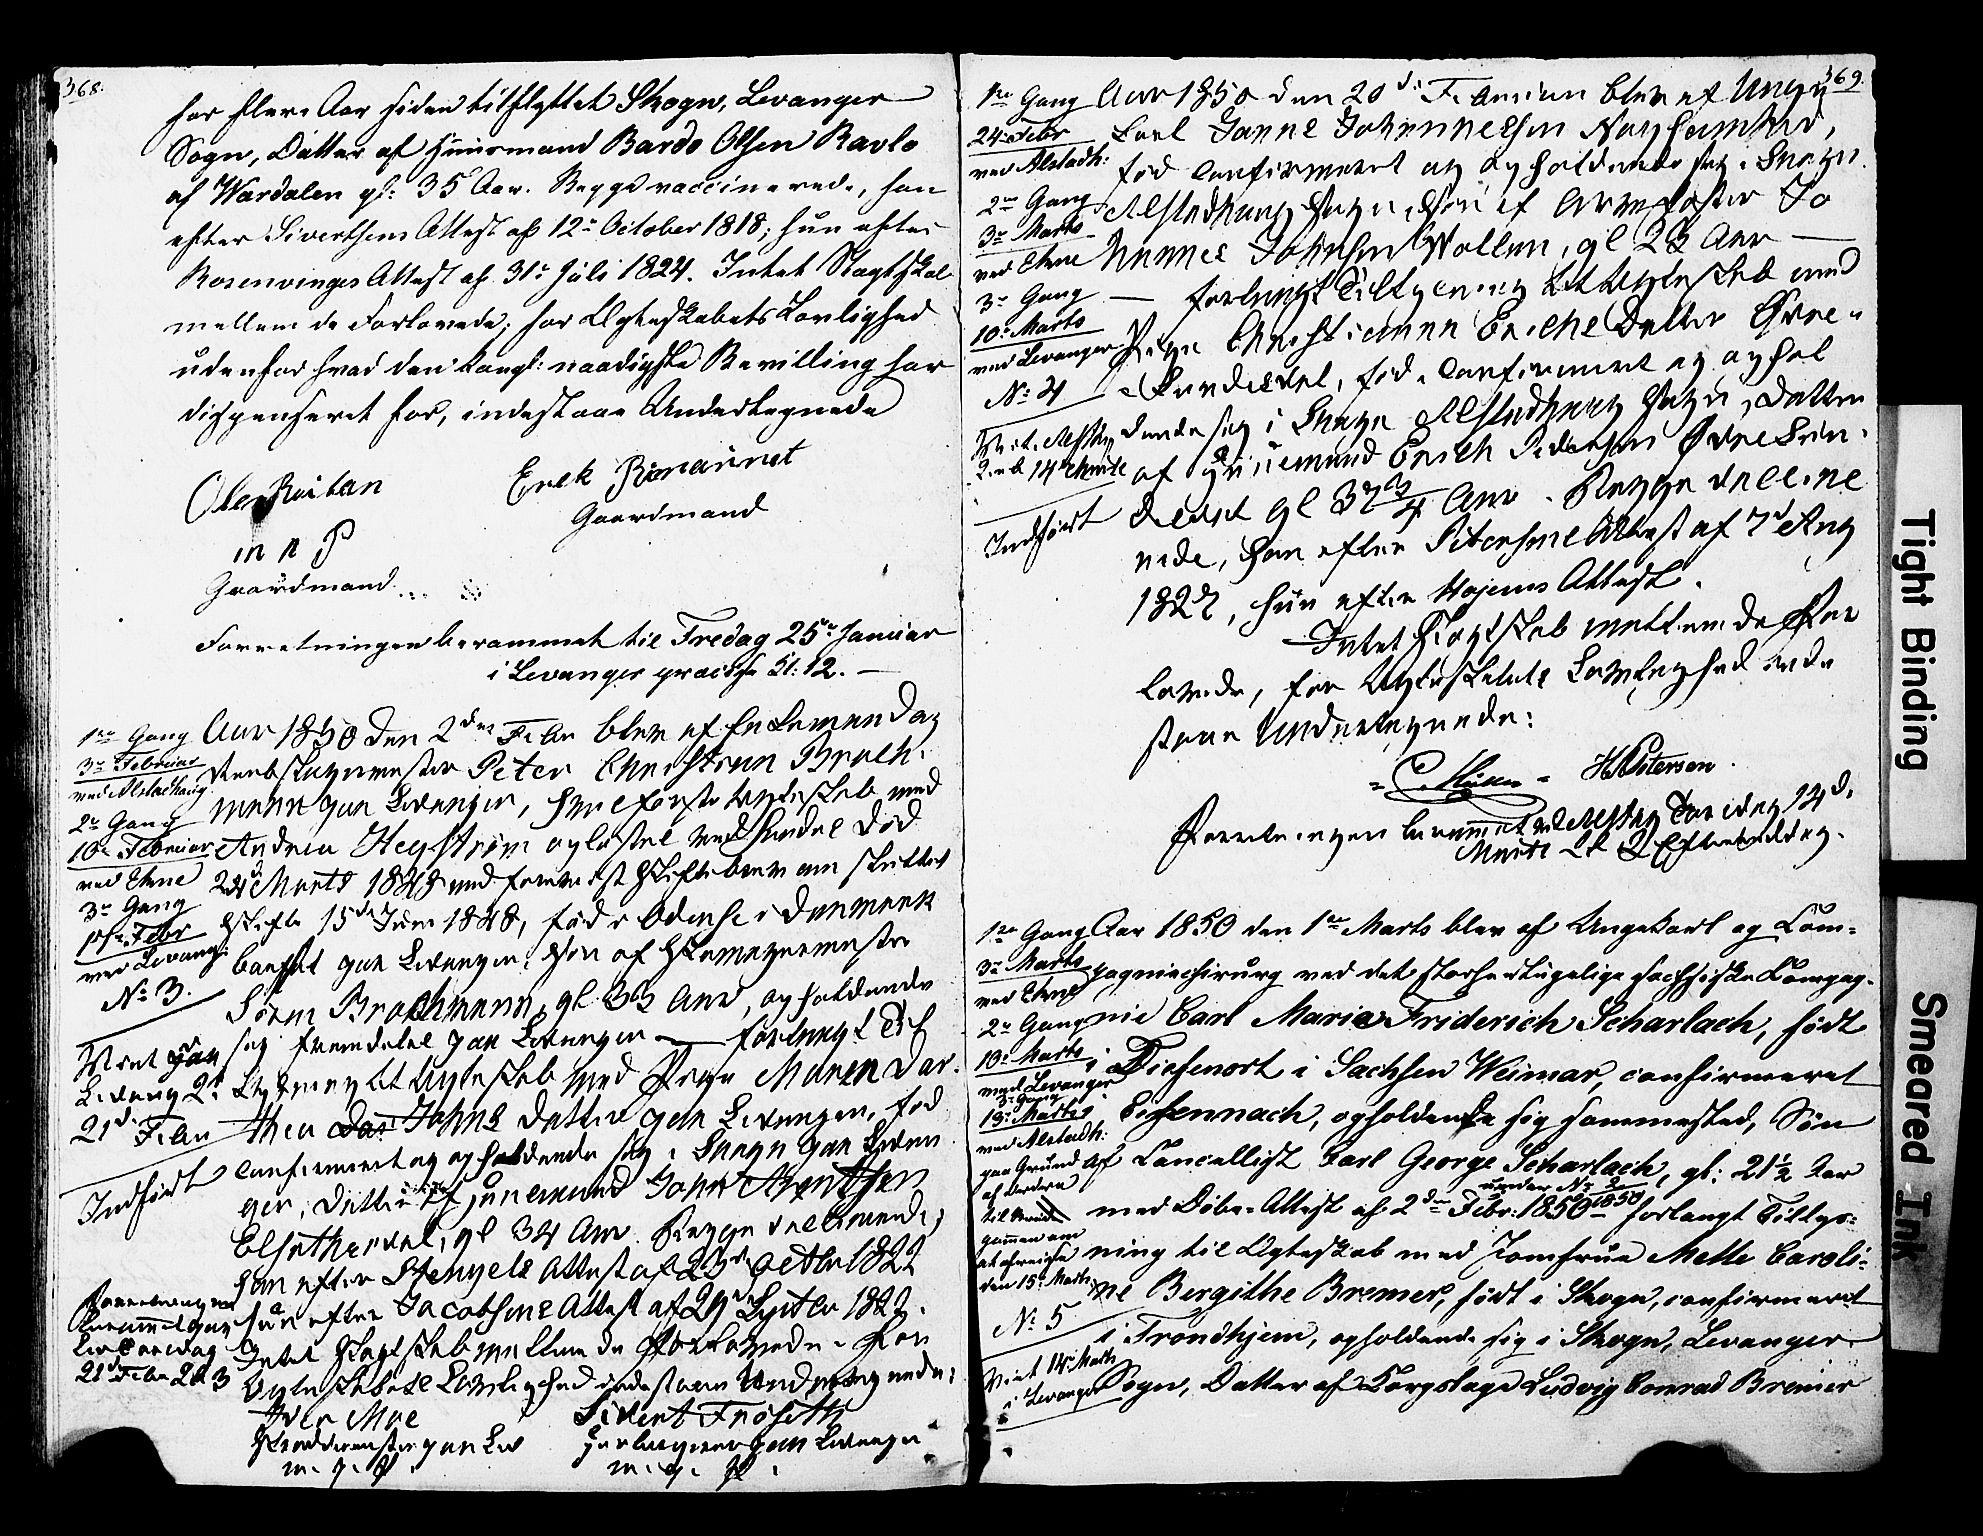 SAT, Ministerialprotokoller, klokkerbøker og fødselsregistre - Nord-Trøndelag, 717/L0160: Forlovererklæringer nr. 717A10, 1828-1850, s. 368-369